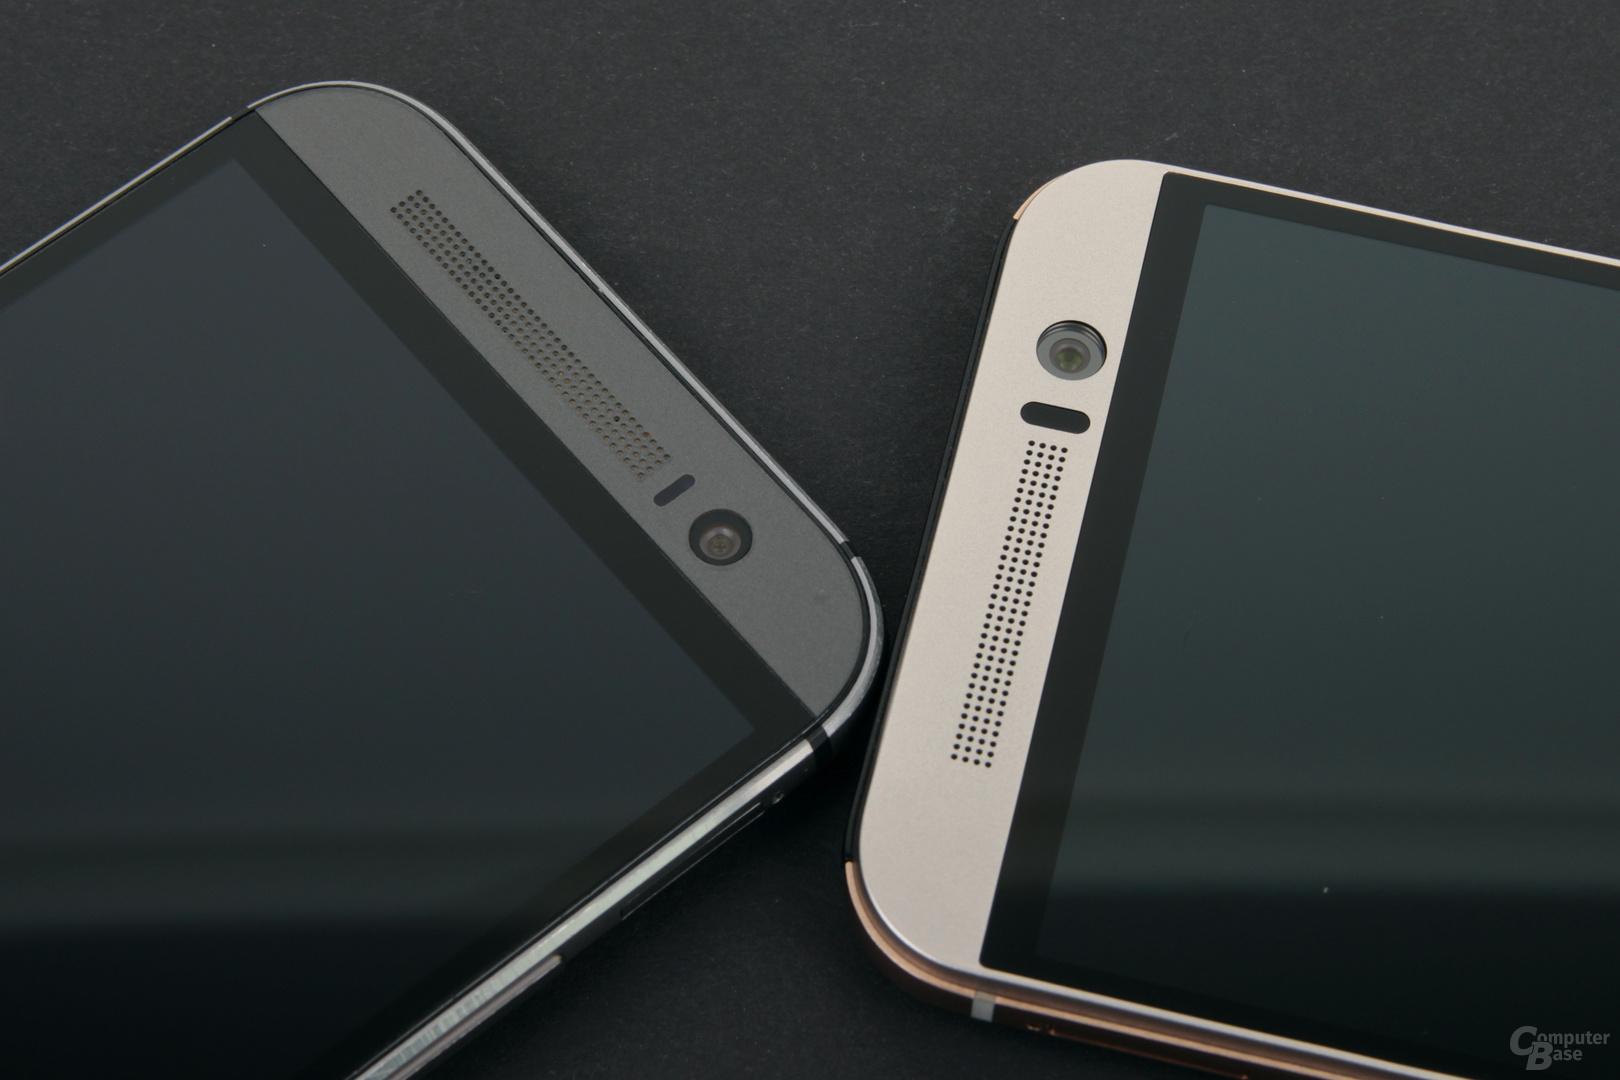 HTC One (M8) (links) und One M9